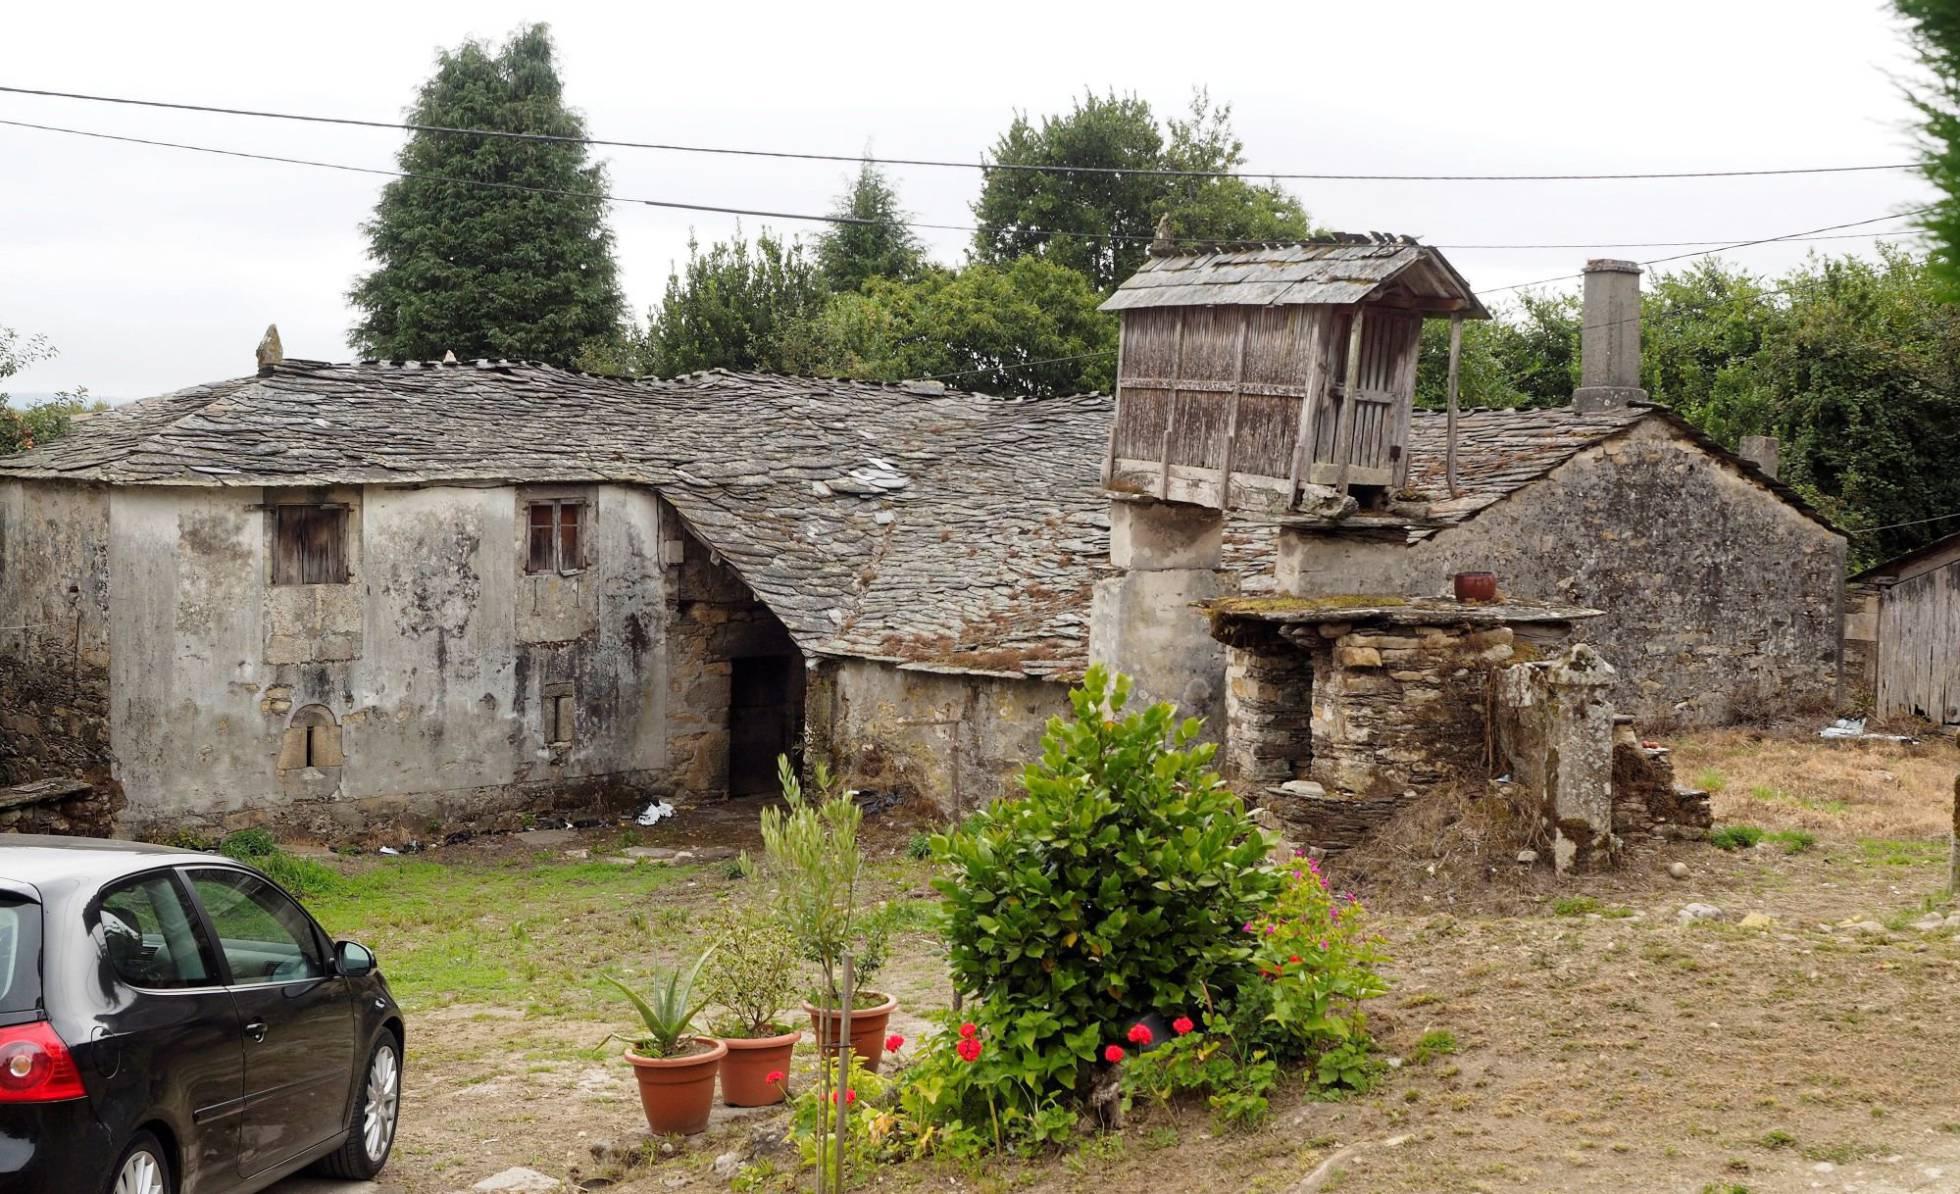 Jubilación a la europea: profesionistas compran una aldea y planean retiro conjunto